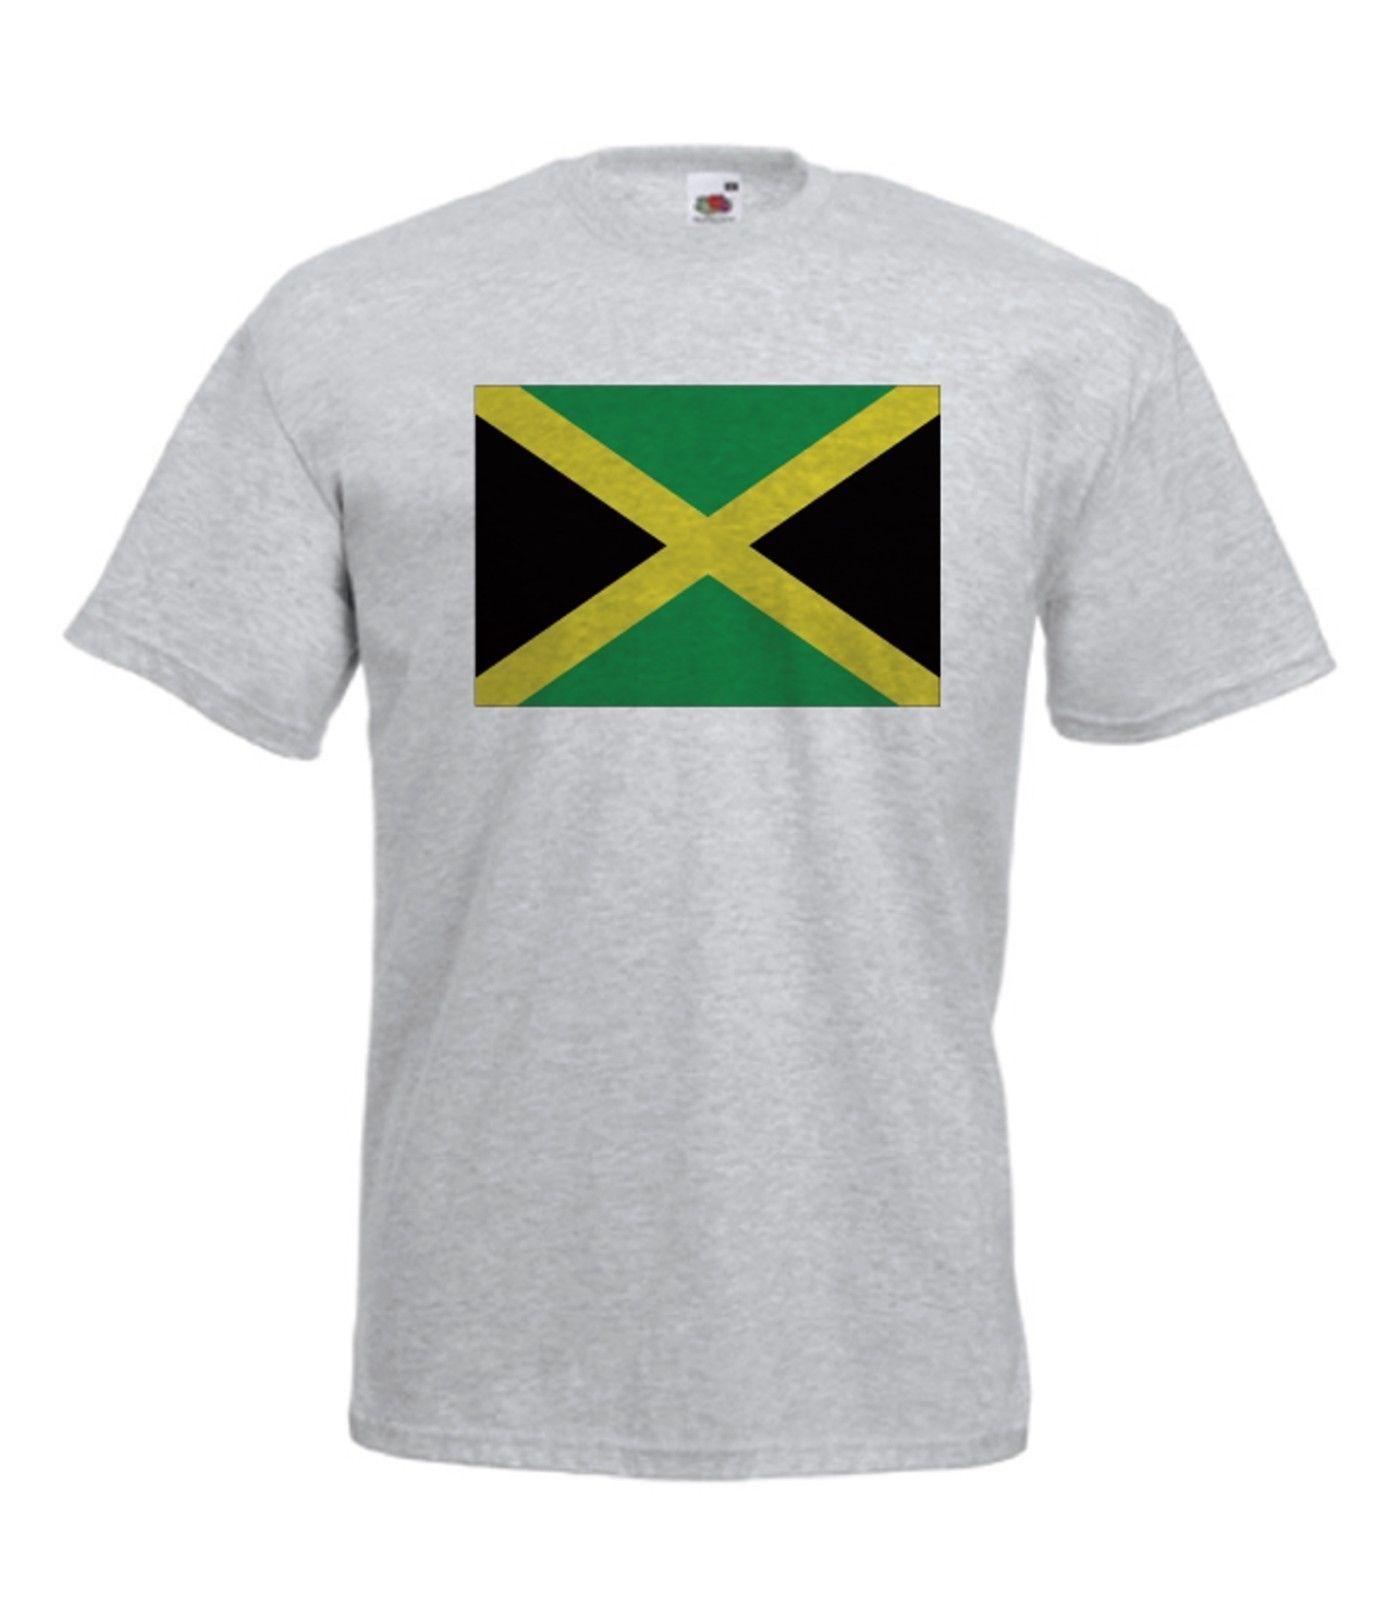 Compre JAMAICA RASTA Música Reggae NUEVA Navidad Ideas Para Regalos De  Cumpleaños Niños Niñas Top CAMISETA A  12.05 Del Xsy15tshirt  e4bfaea28415c